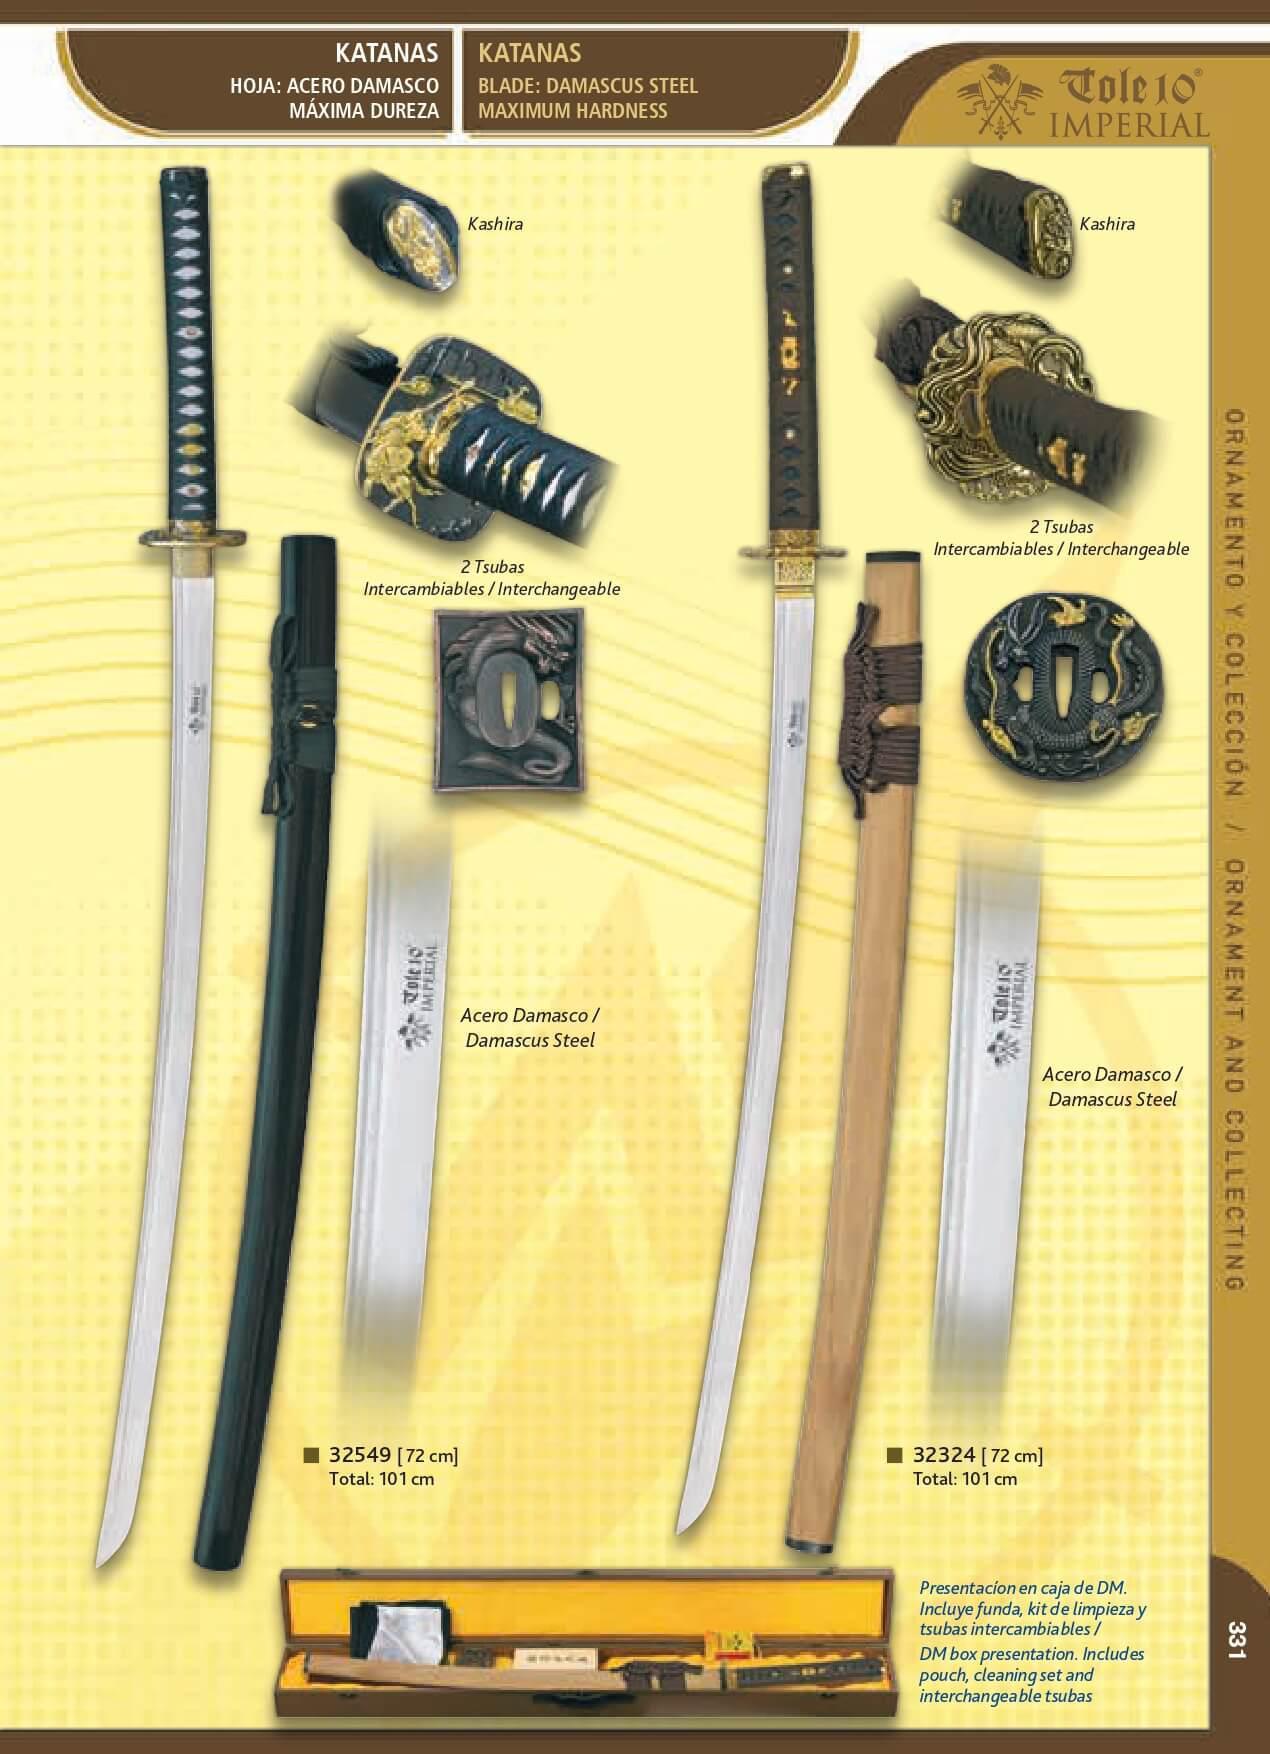 Damascus Steel Katana Sword Katanas Damascus Steel